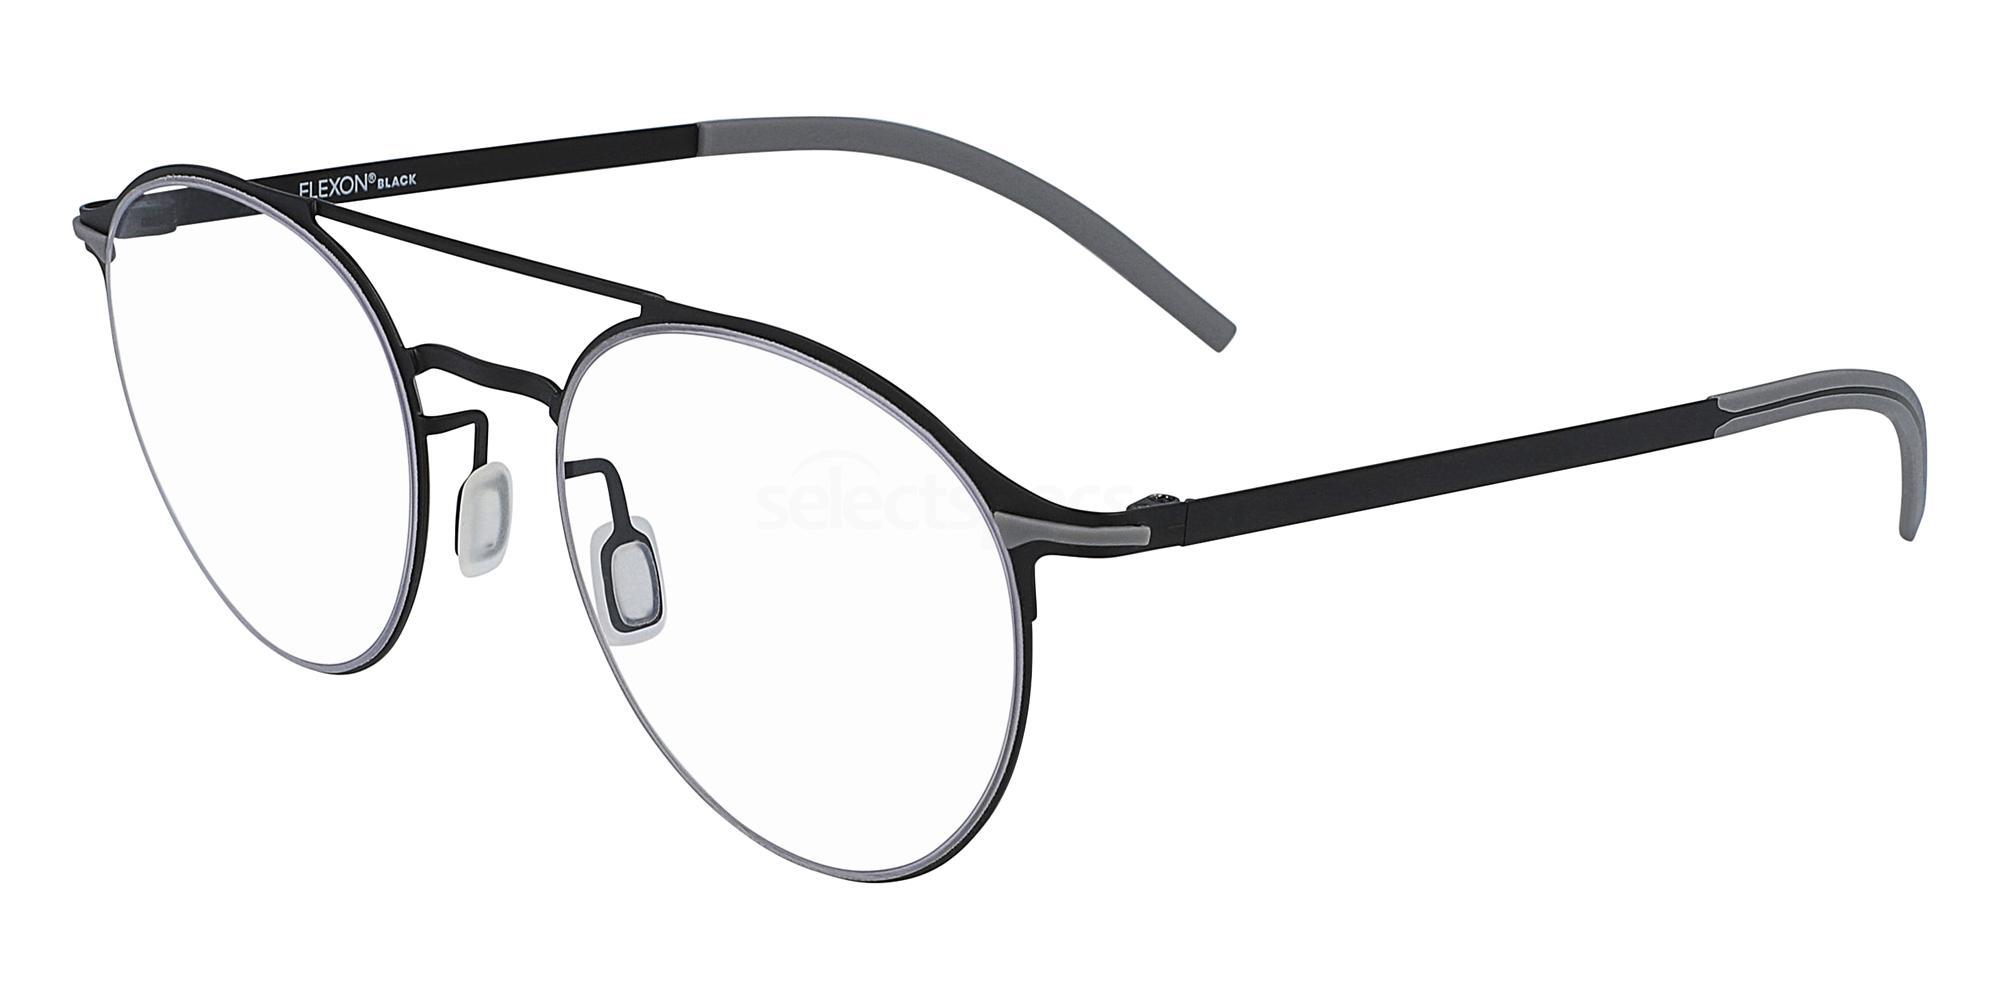 001 FLEXON B2003 Glasses, Flexon